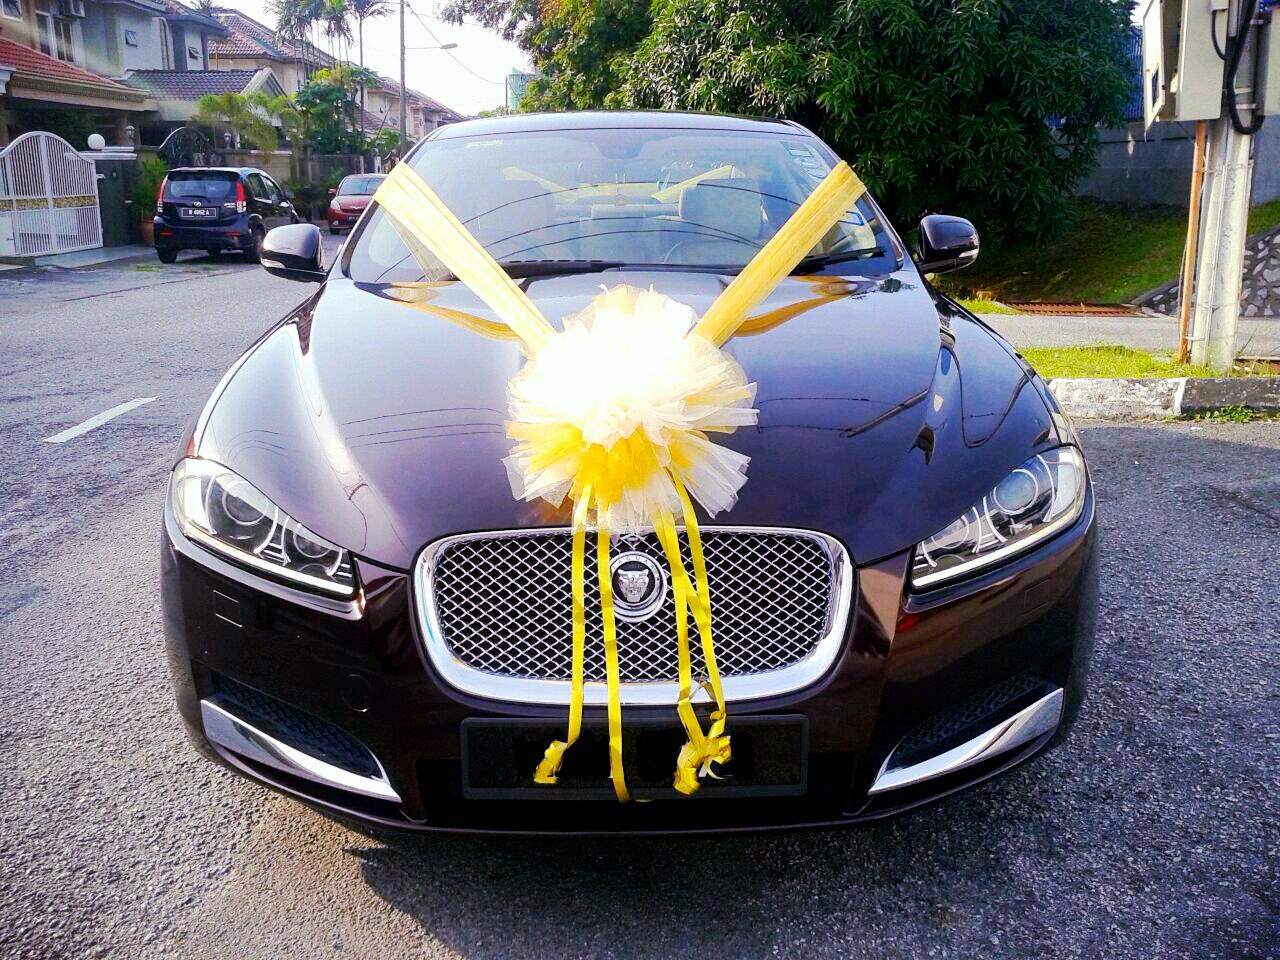 Redorca Malaysia Wedding And Event Car Rental Jaguar Xf With Gold